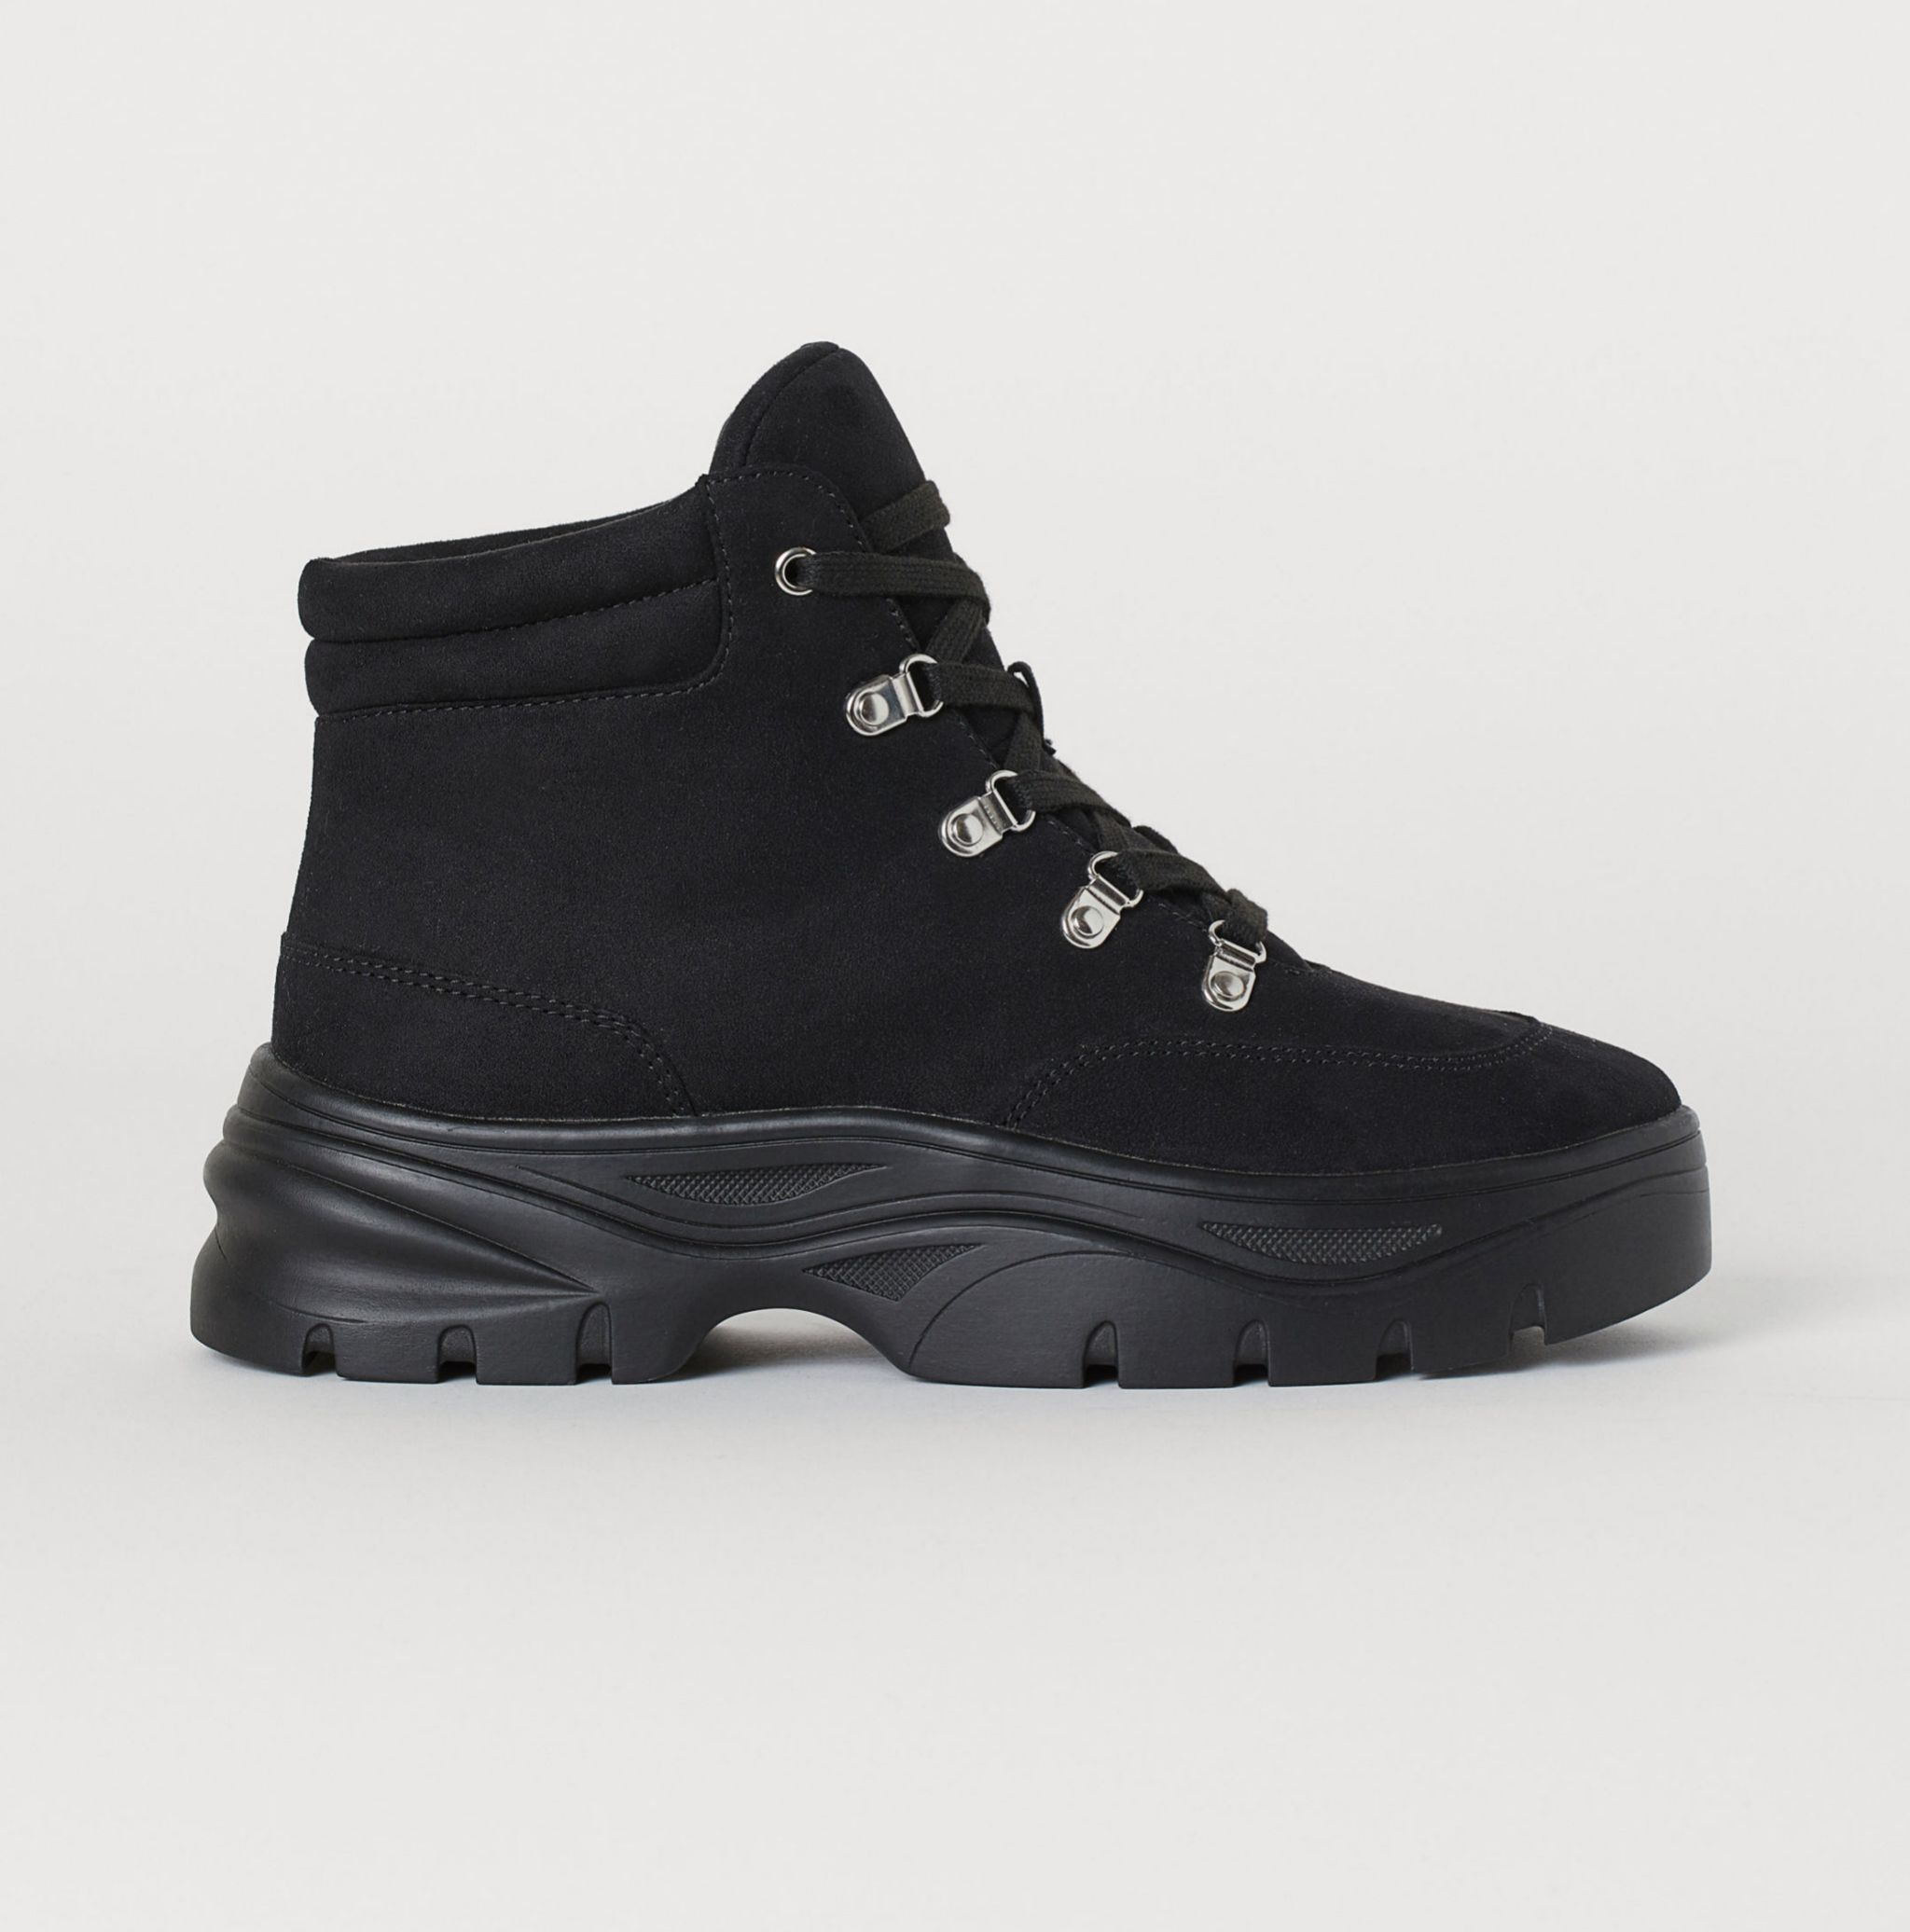 Botas negras de H&M (34,99 euros).